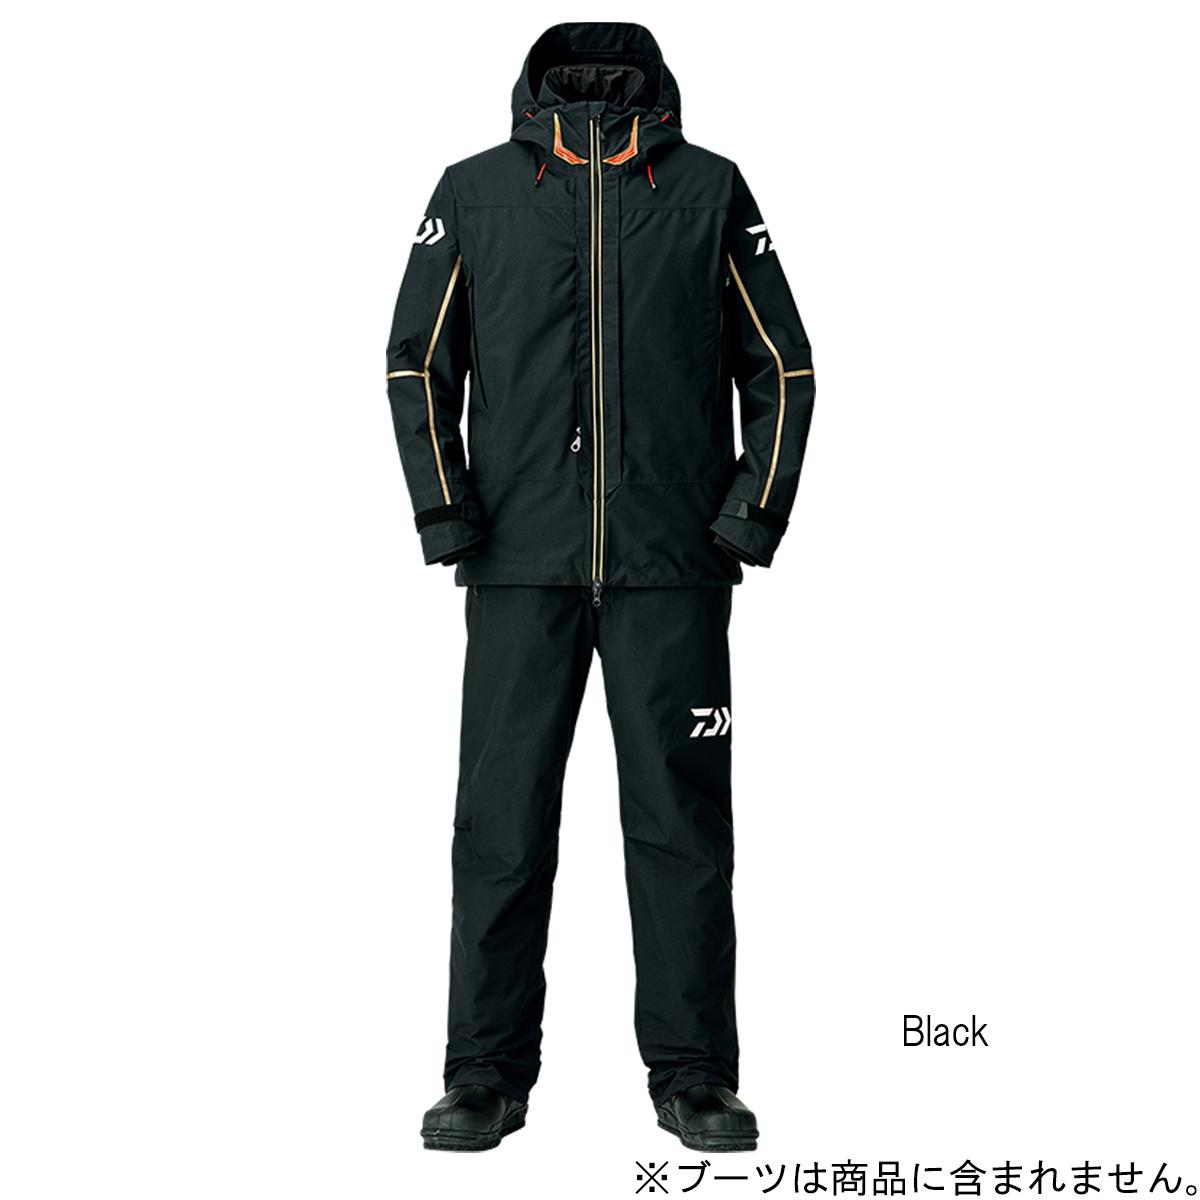 ダイワ ゴアテックス プロダクト コンビアップ ウィンタースーツ DW-1808 XL Black